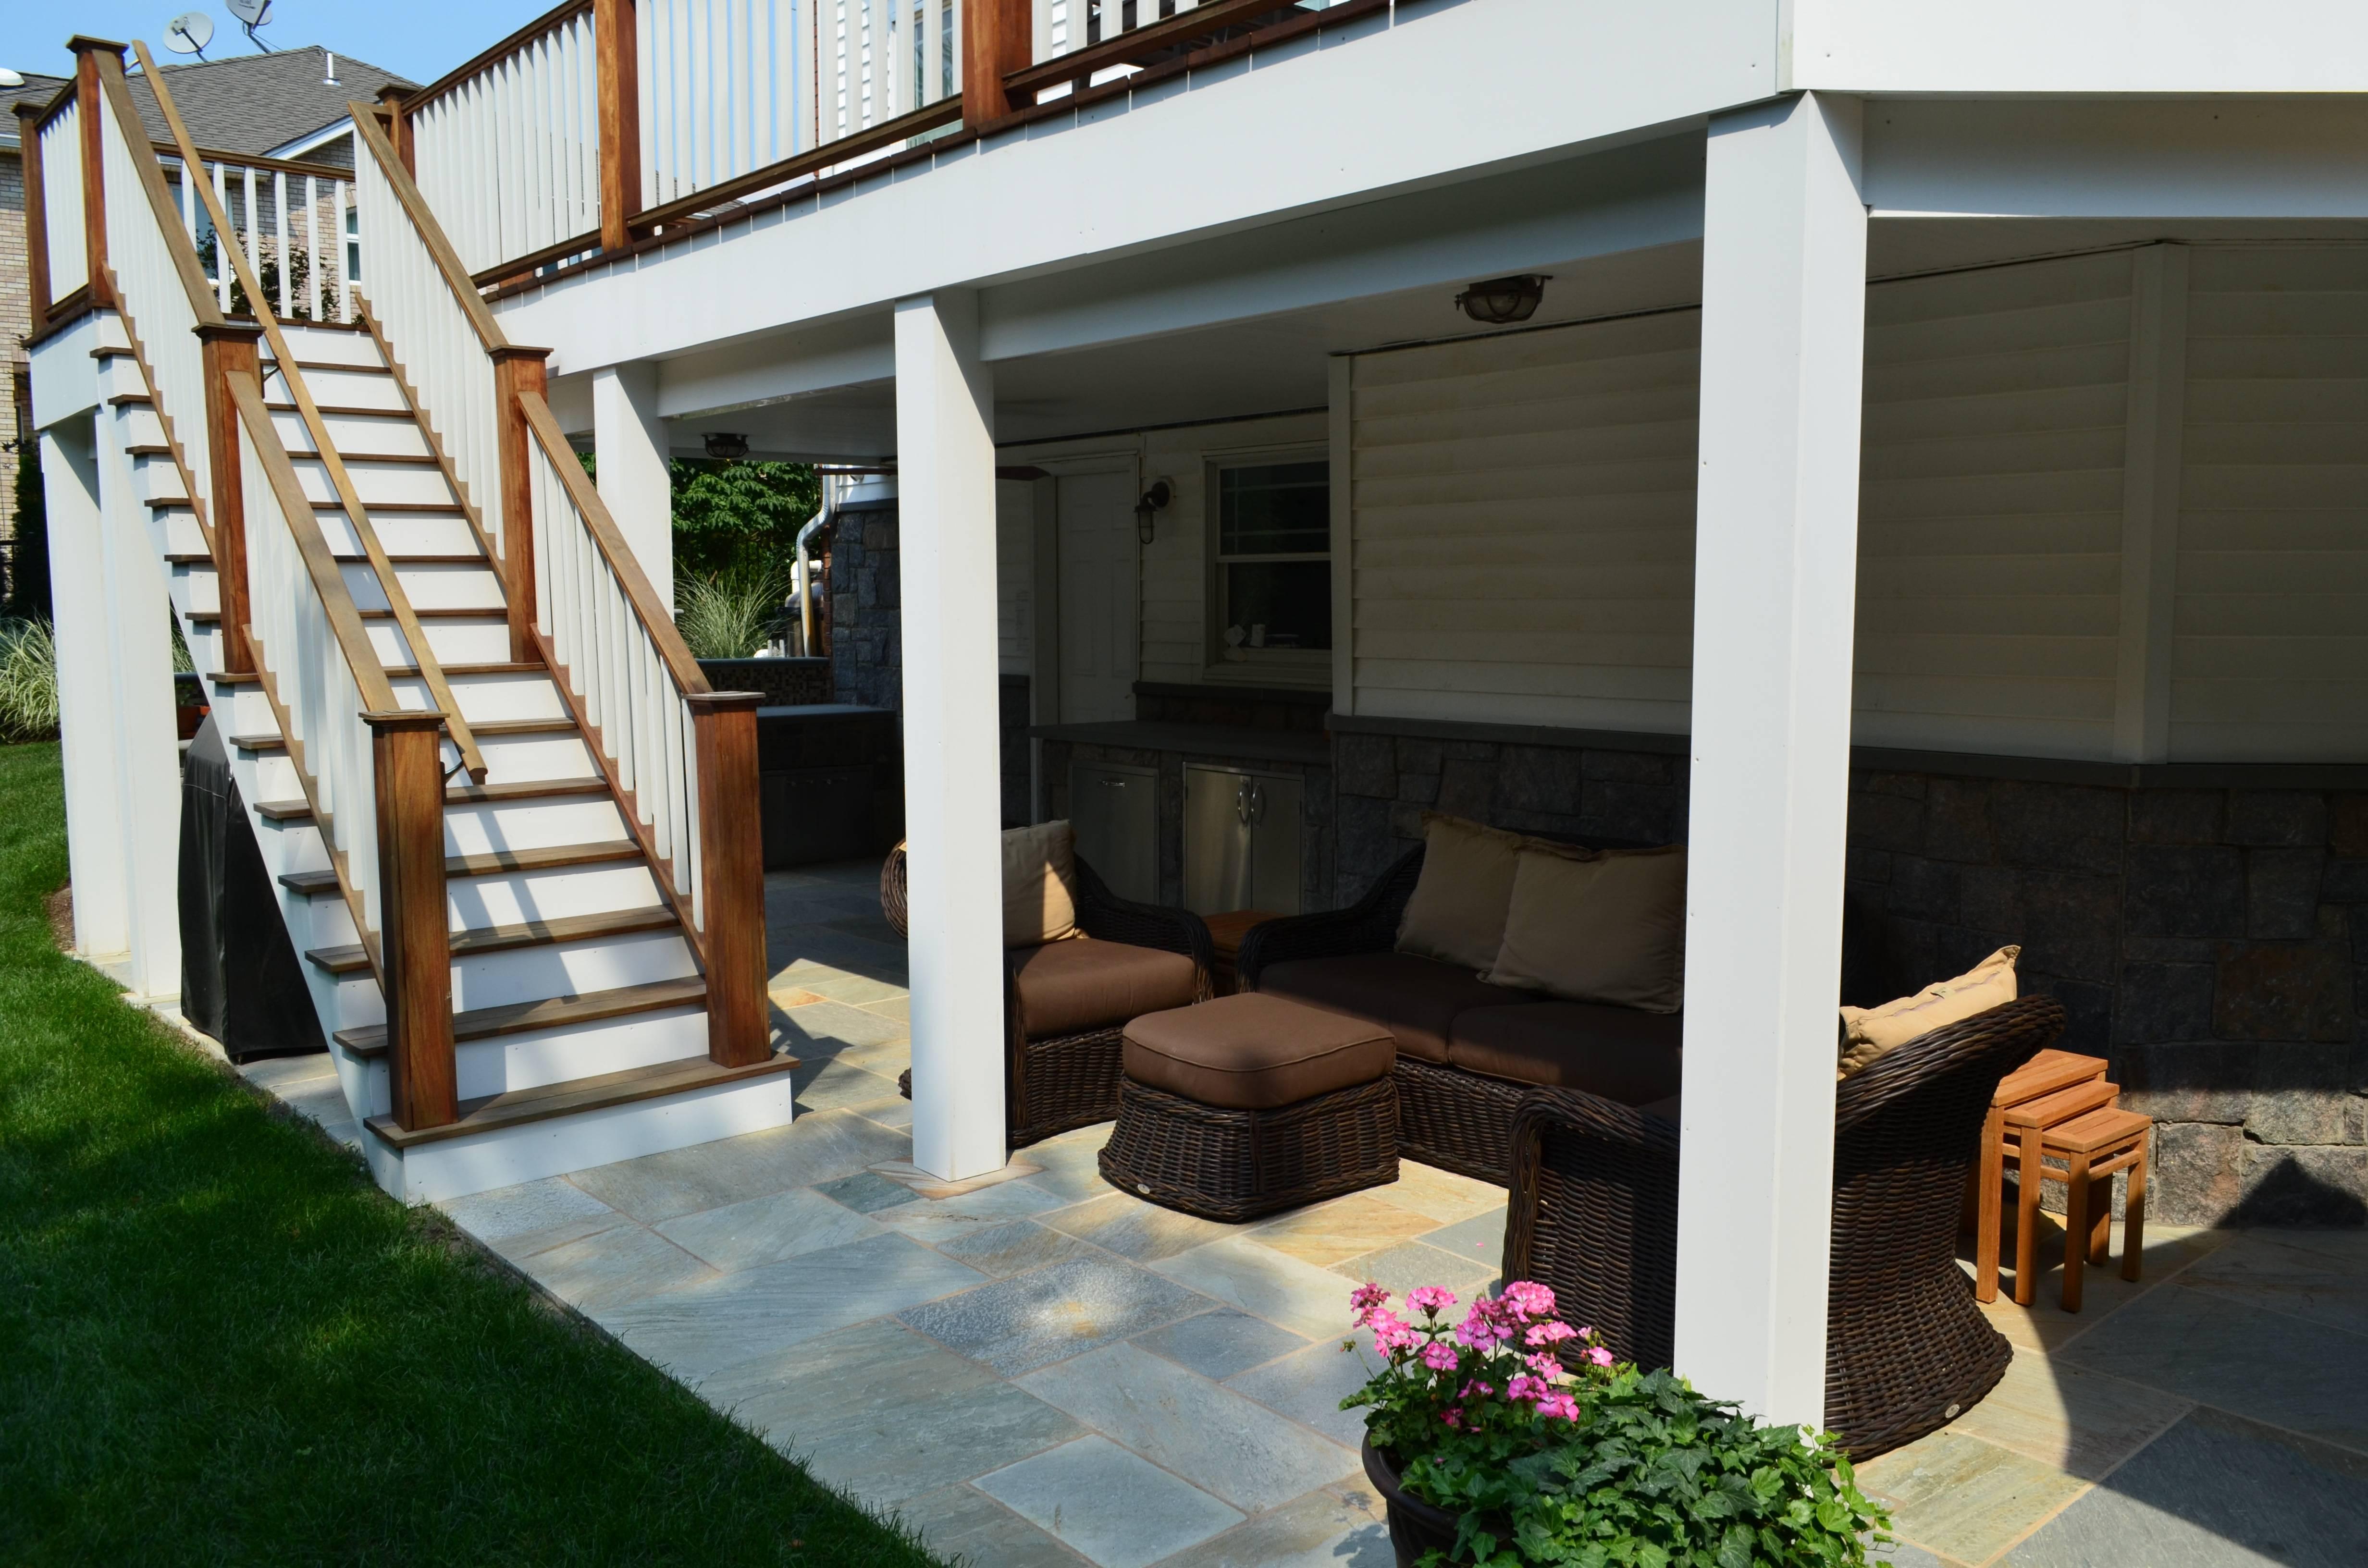 15 Best Simple Walkout Basement Patio Ideas Ideas - Home ... on Walkout Patio Ideas id=37480